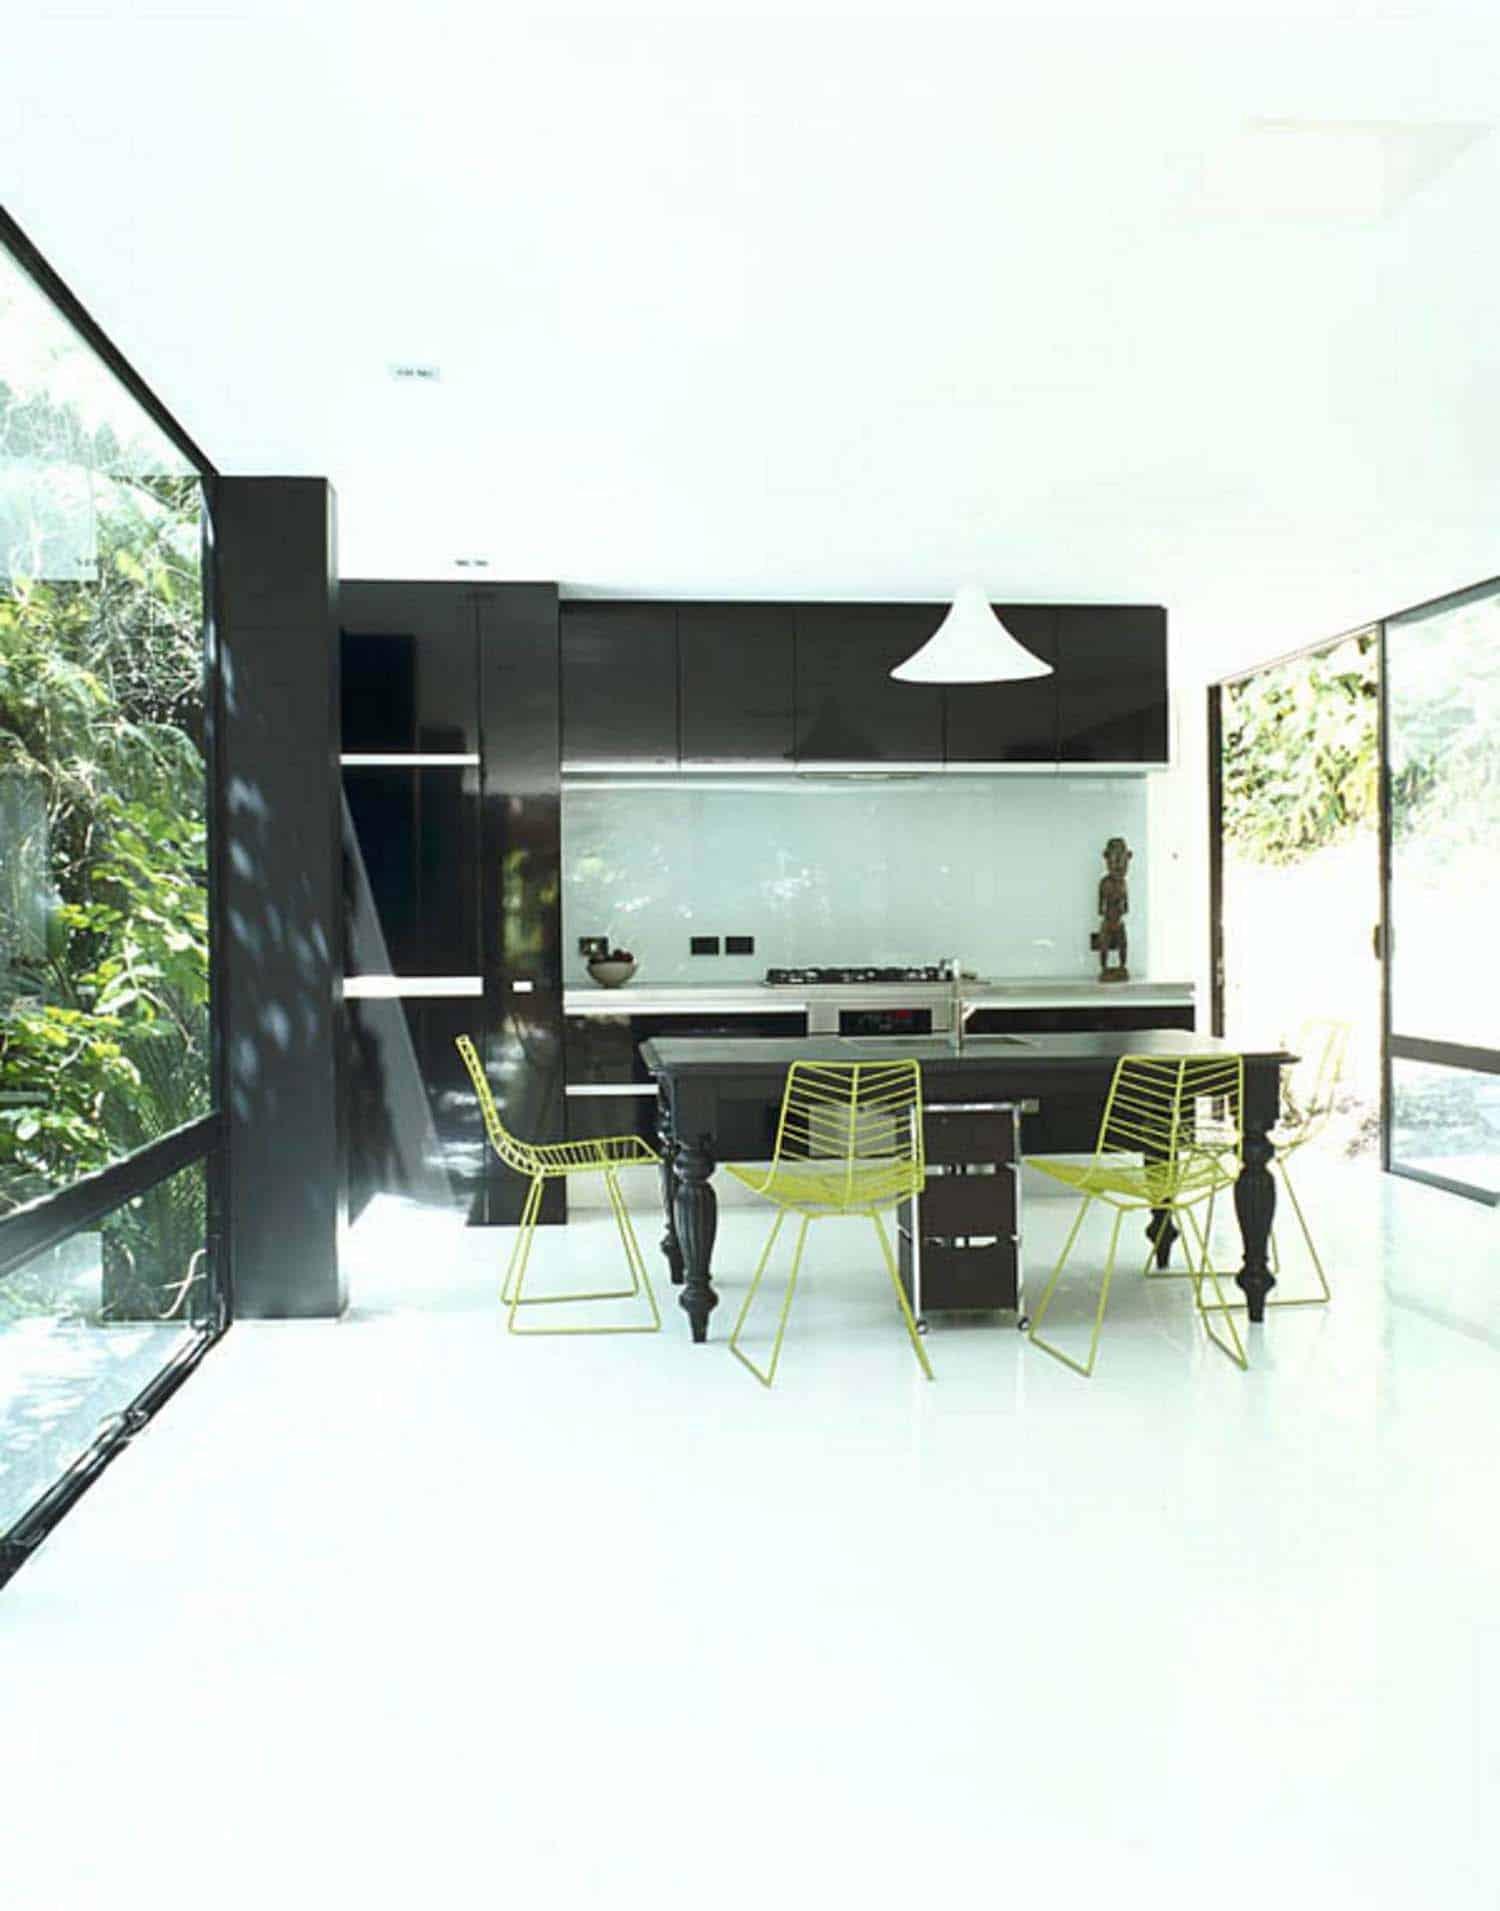 modular-forest-house-kitchen